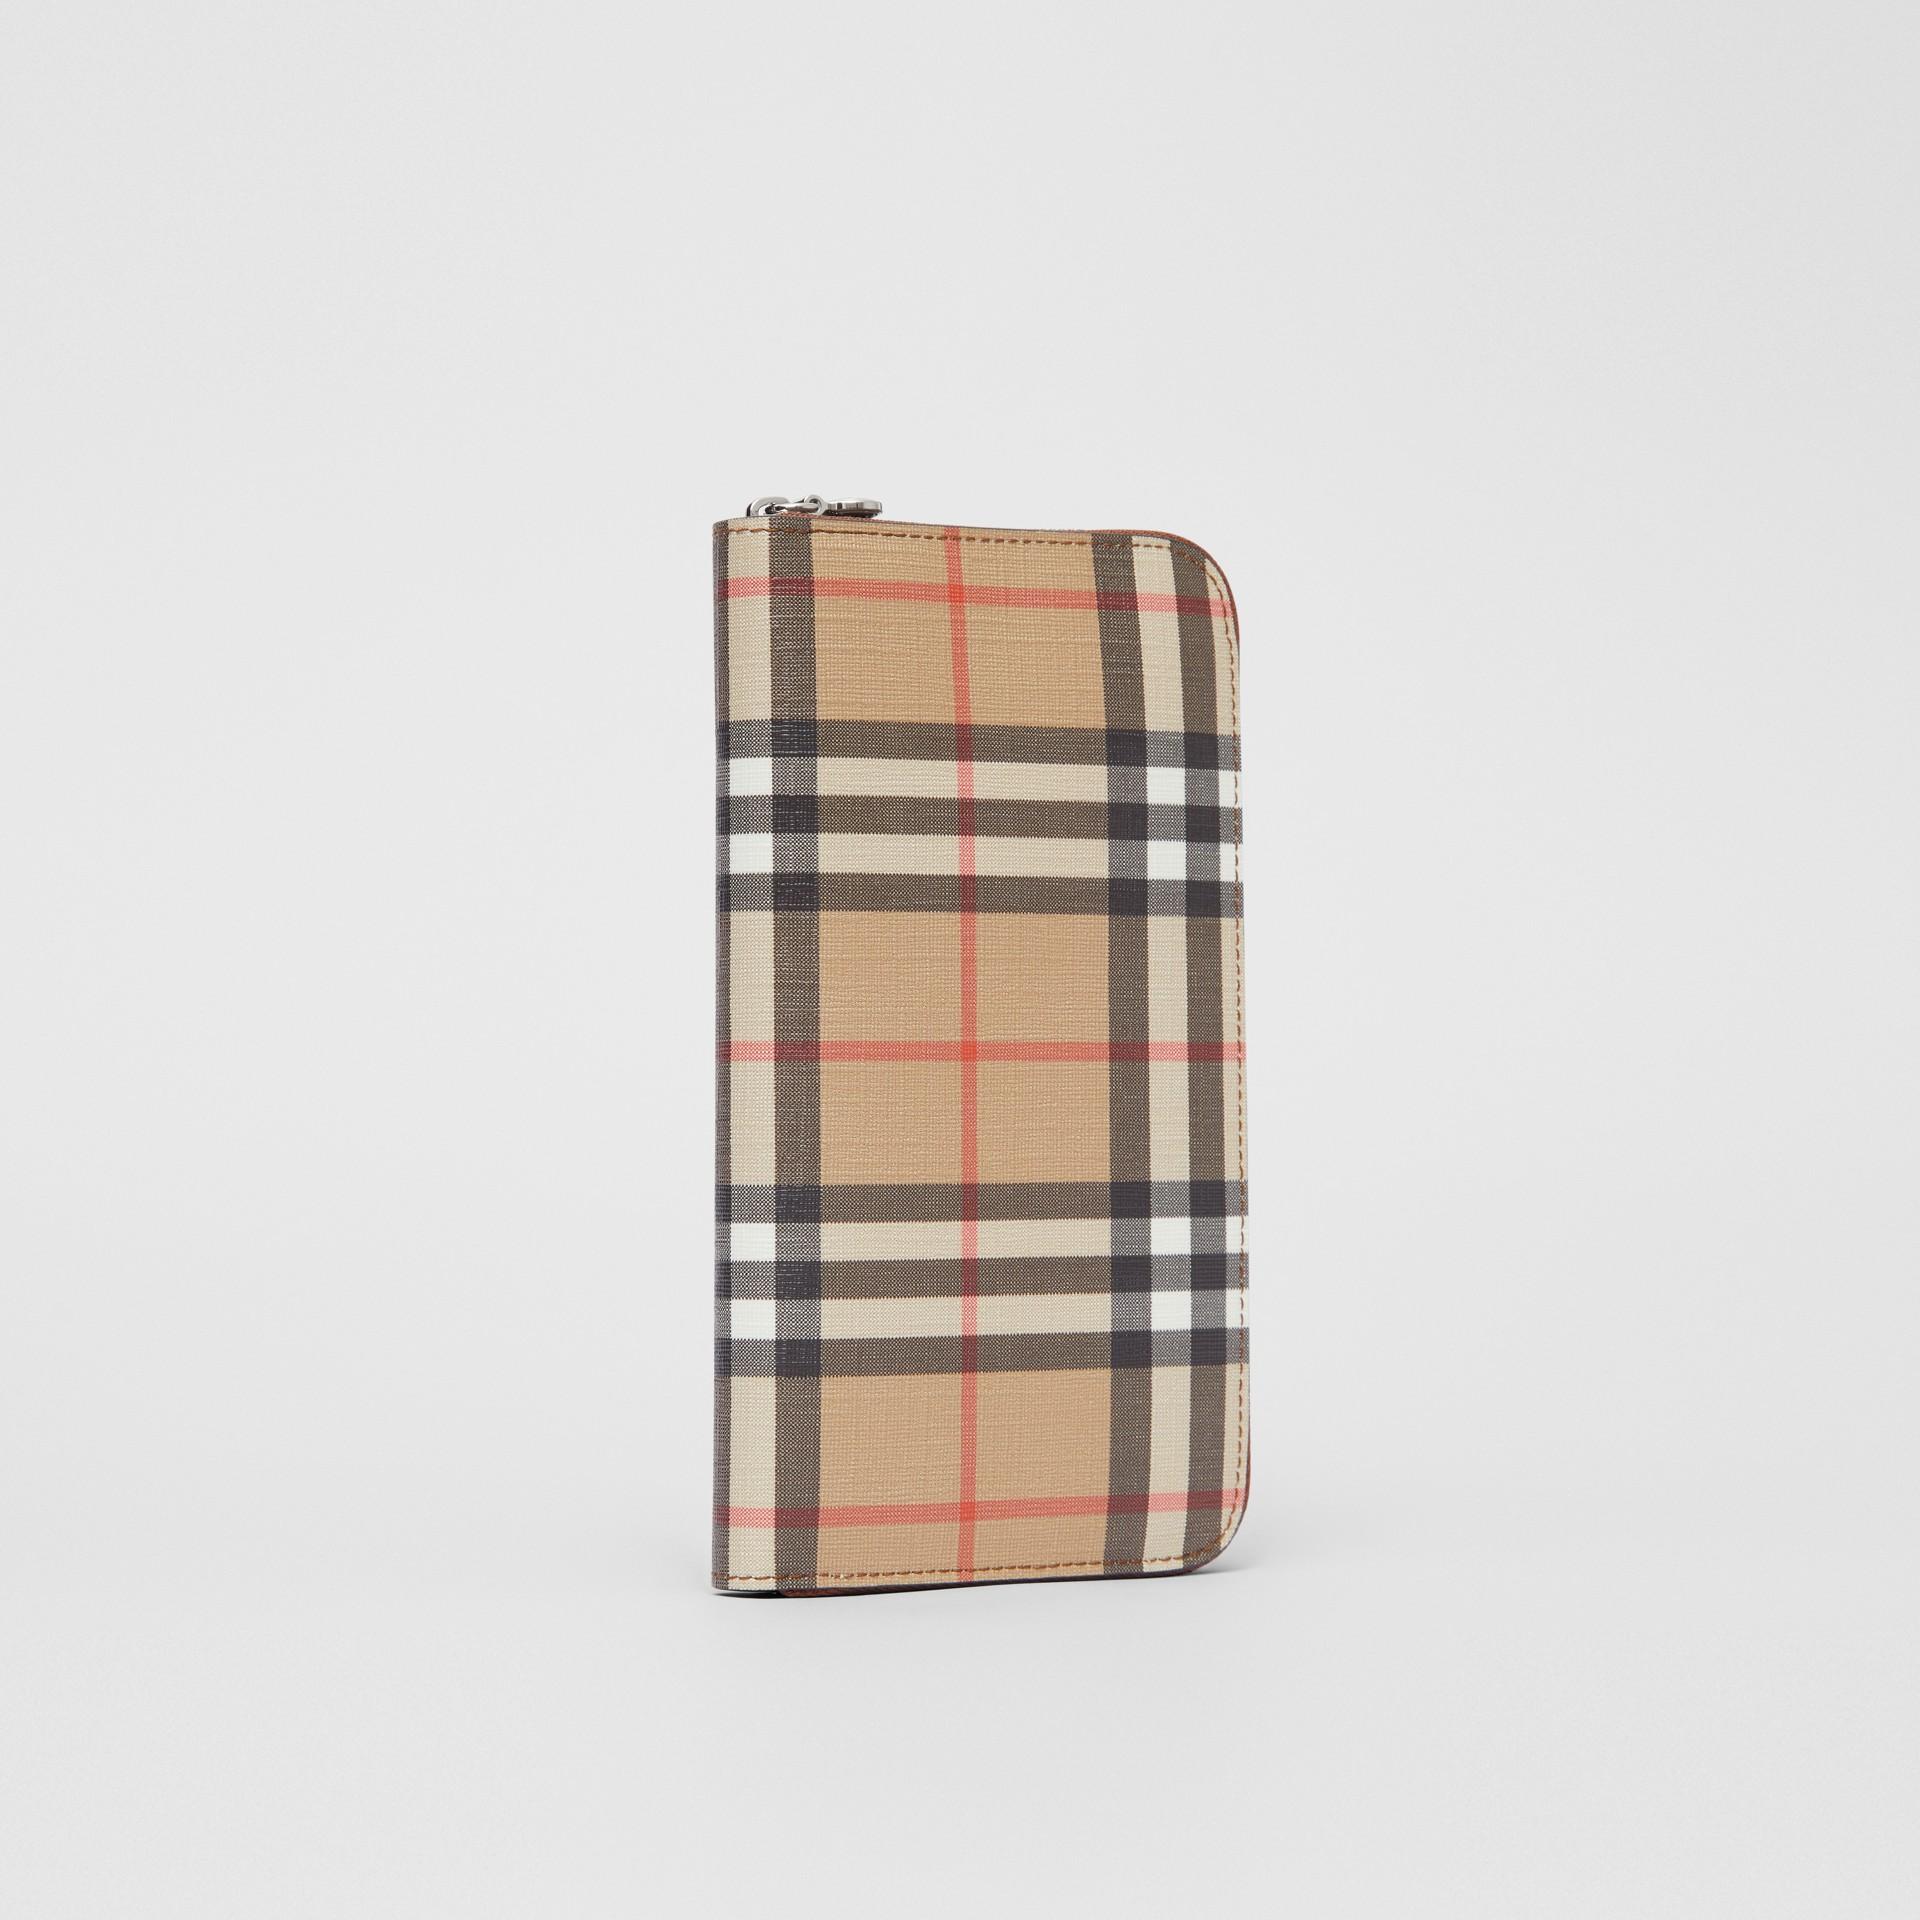 Portefeuille zippé en toile écologique Vintage check (Brun Malt) - Femme | Burberry - photo de la galerie 3